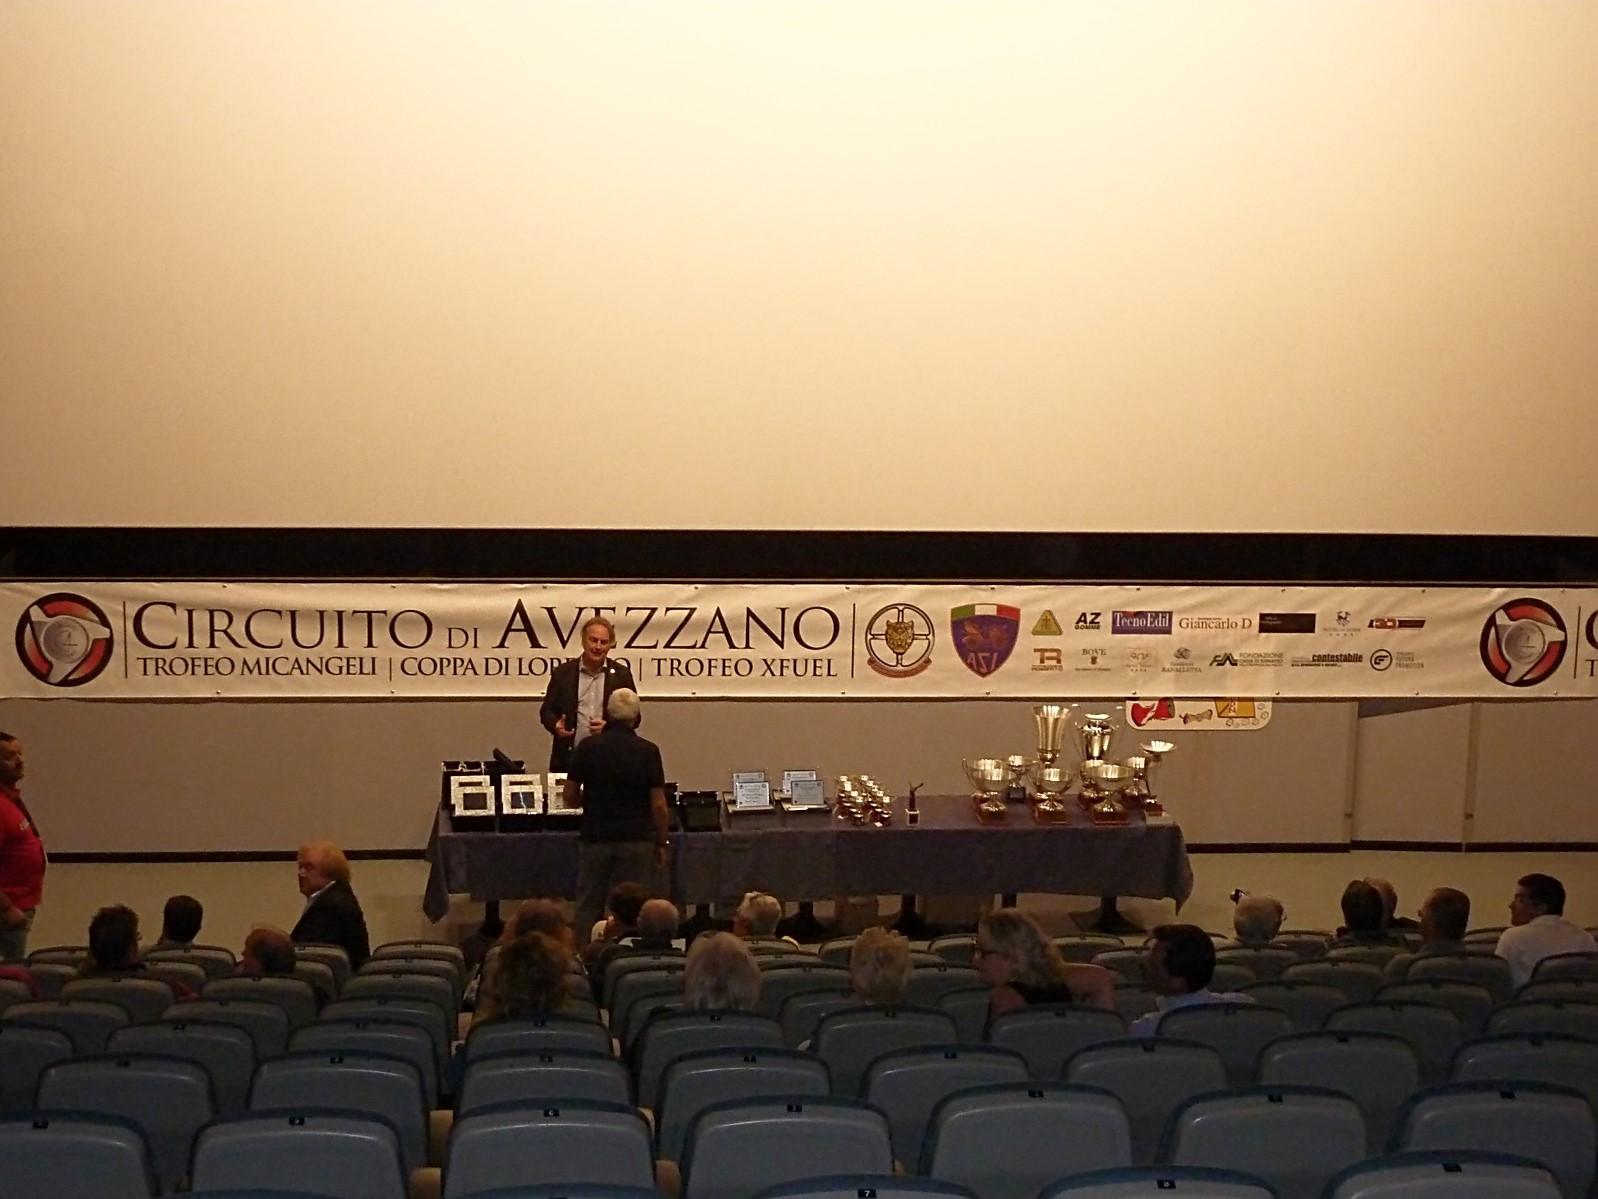 Circuito di Avezzano 2015 (441)